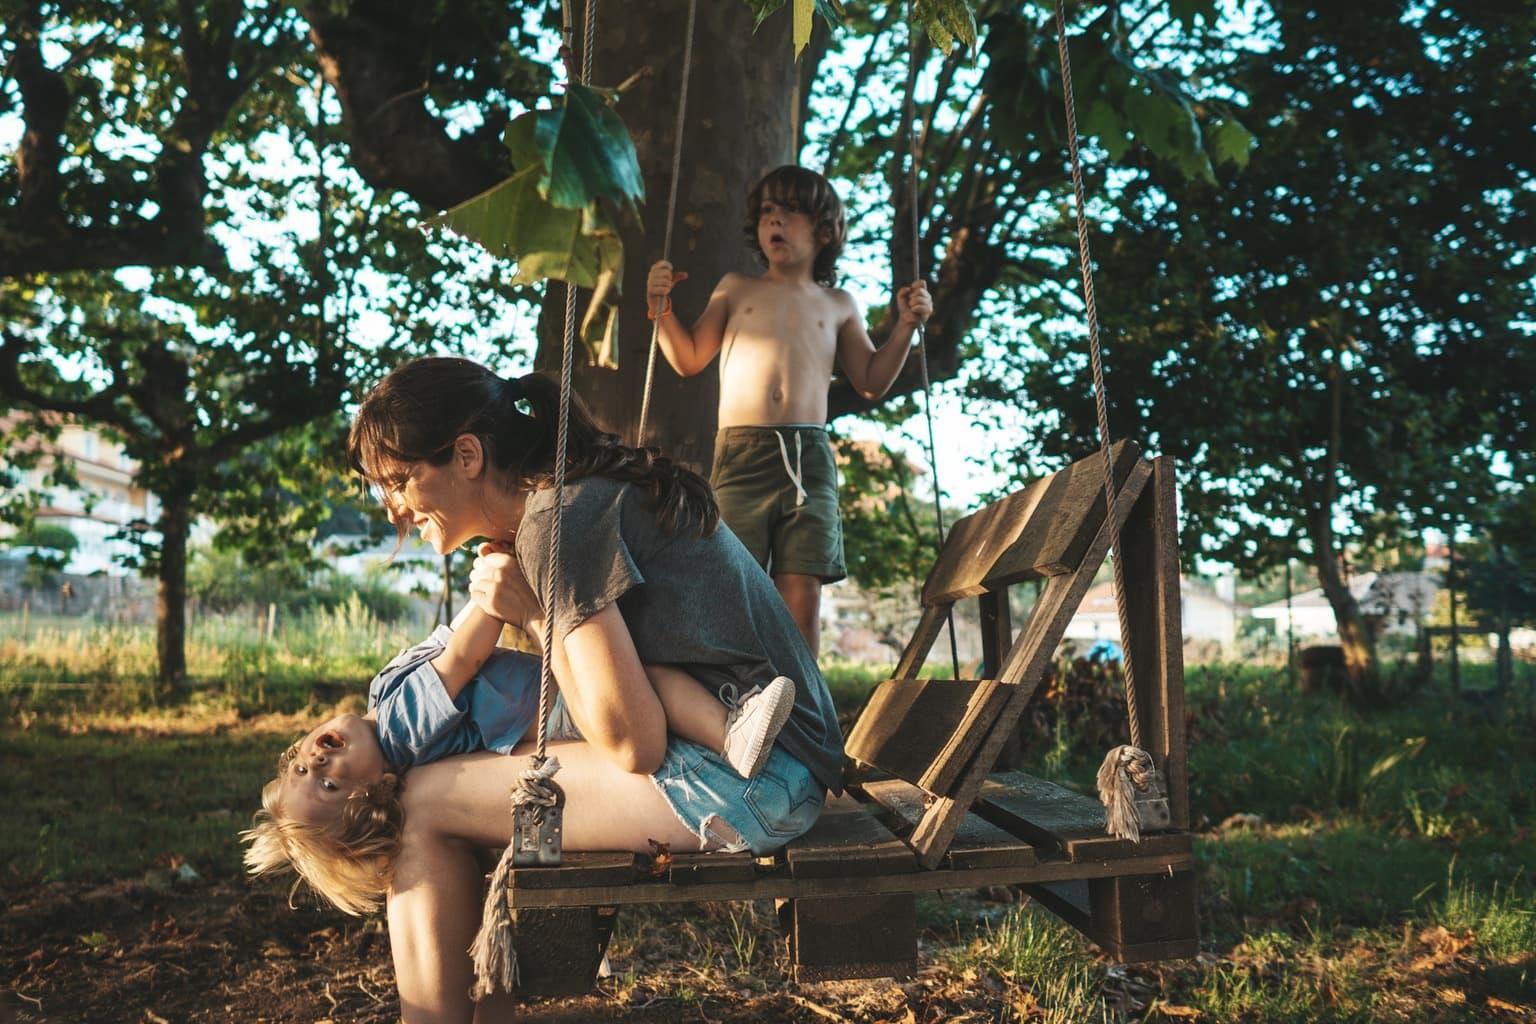 madre en columpio de madera con sus hijos